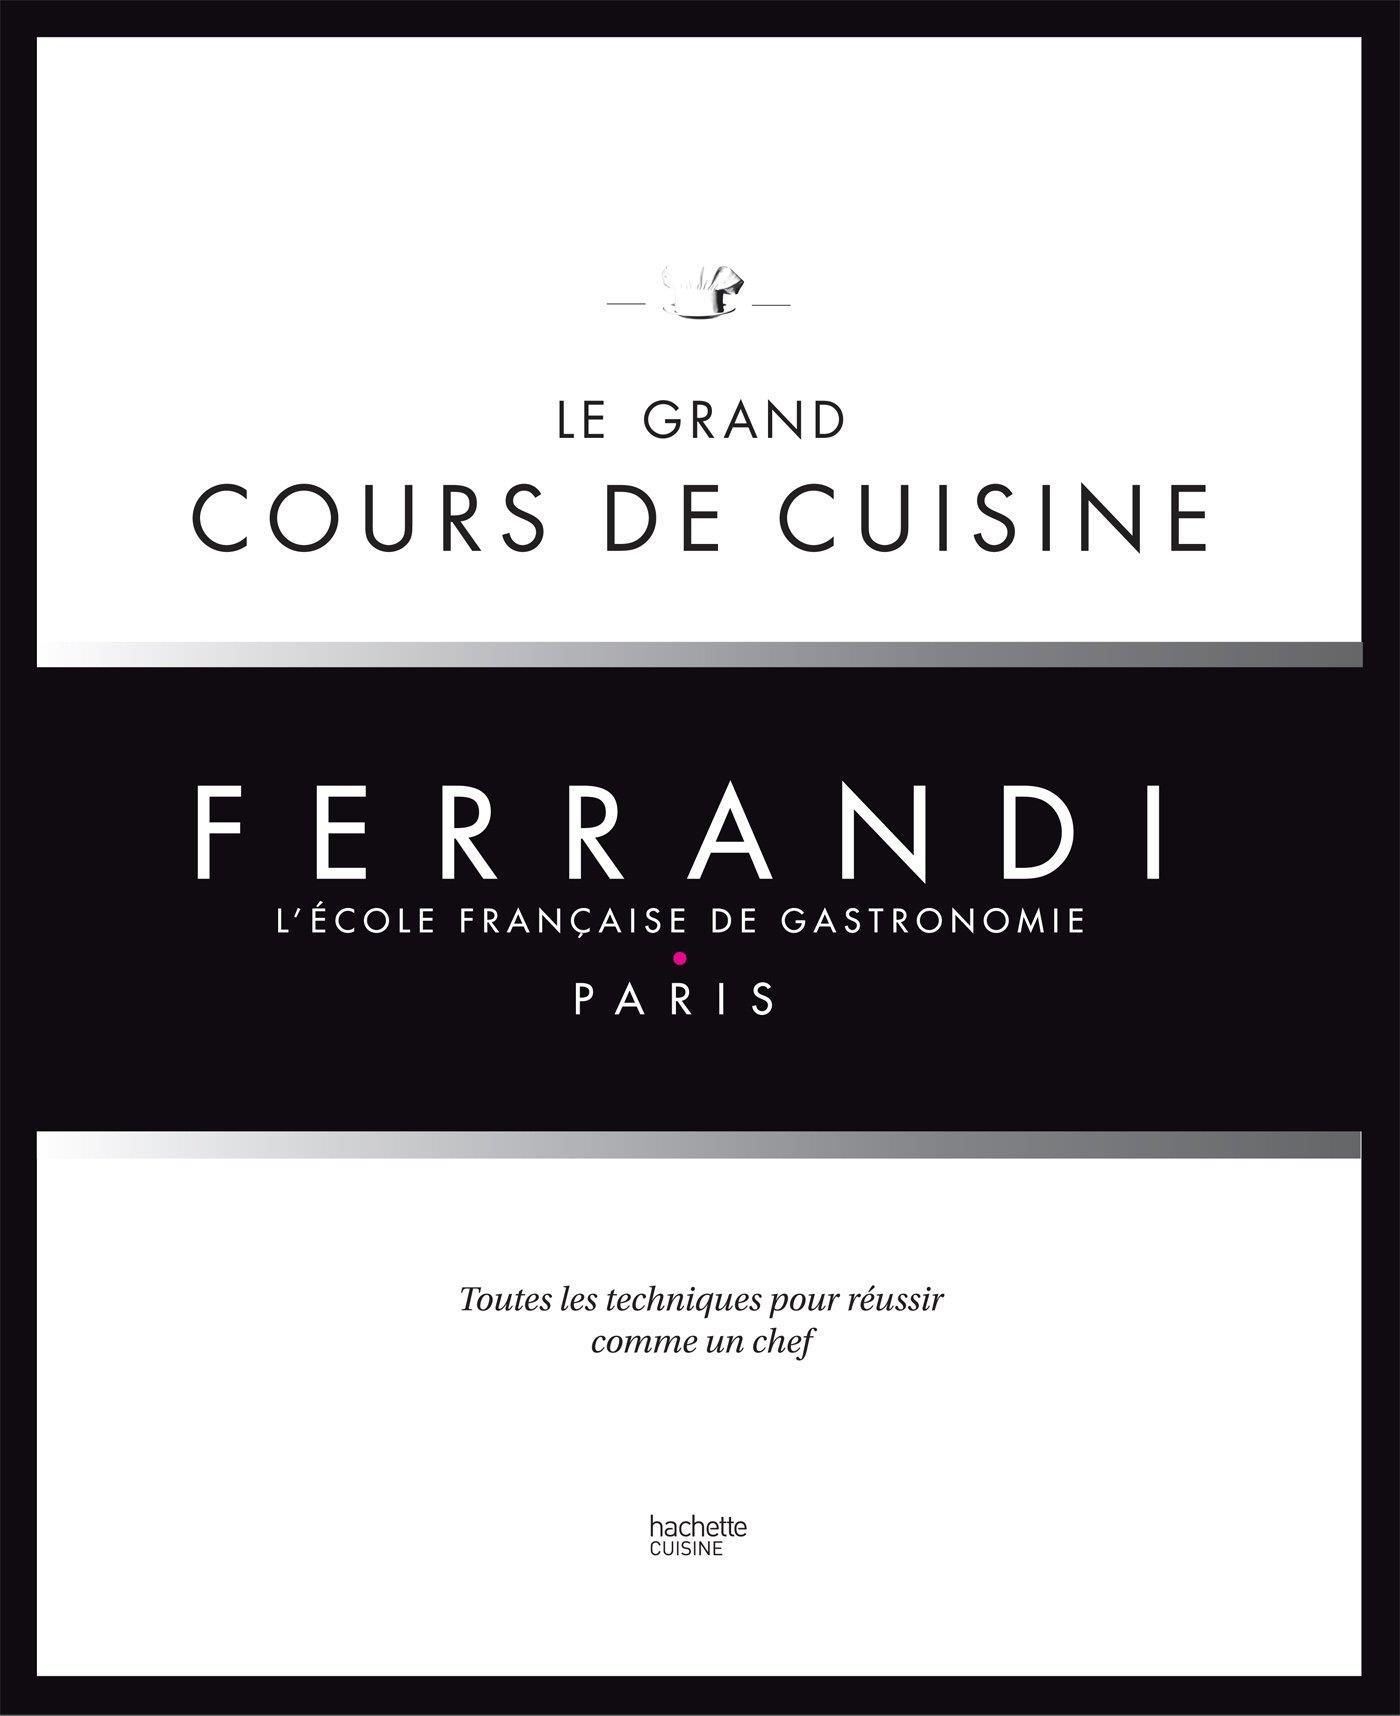 LE GRAND COURS DE CUISINE FERRANDI - LECOLE FRANCAISE DE GASTRONOMIE